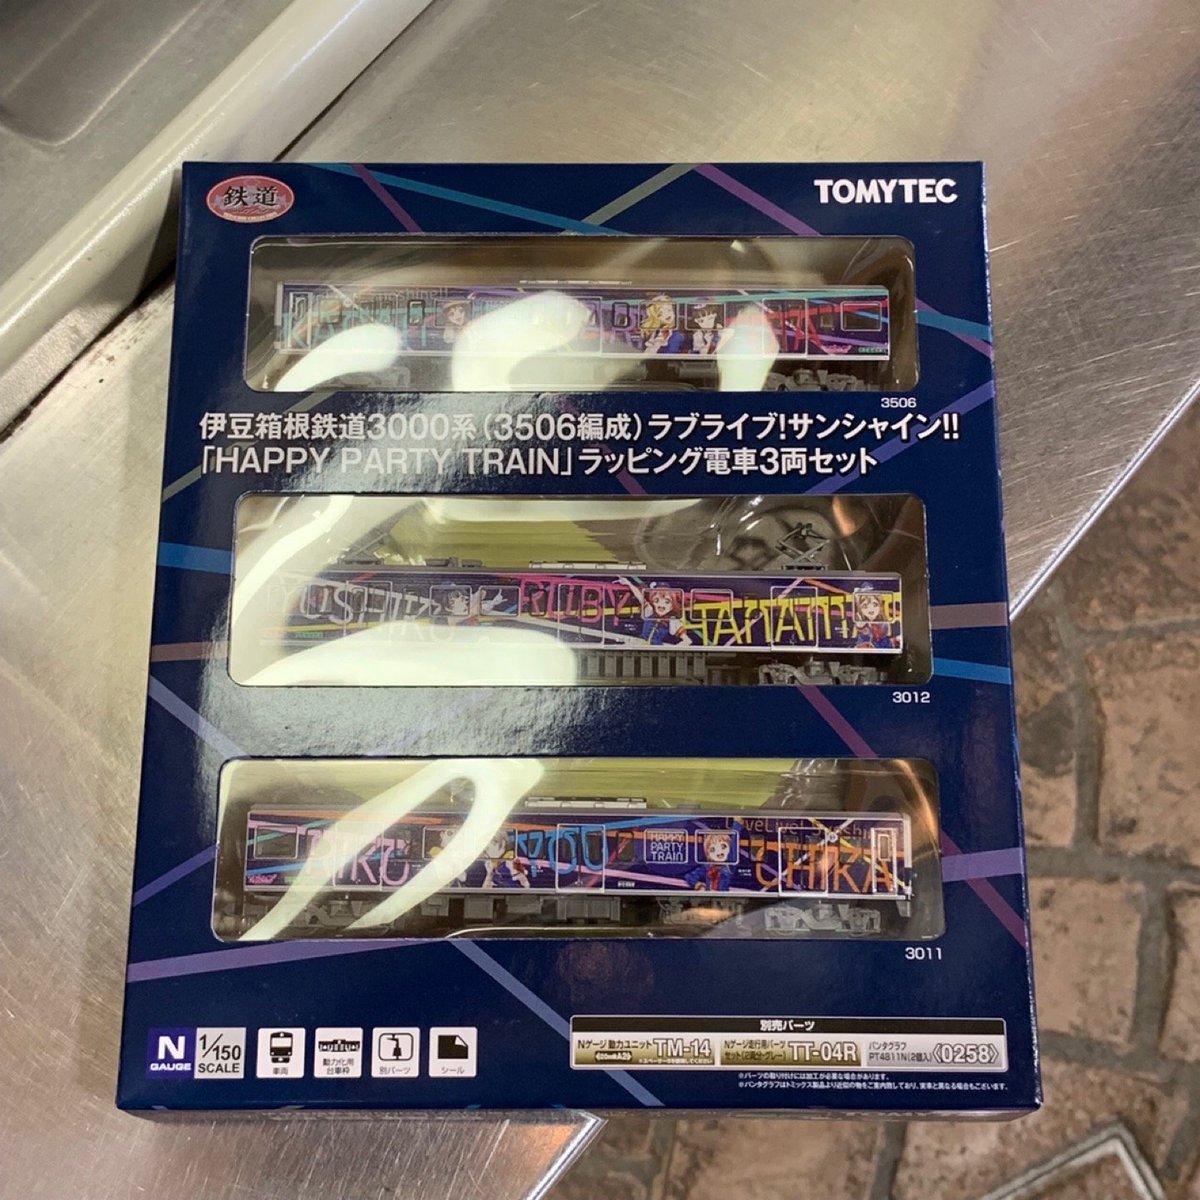 伊豆箱根鉄道 3000系(3506編成)#ラブライブ!サンシャイン!! HAPPY PARTY TRAIN」ラッピング電車3両セット